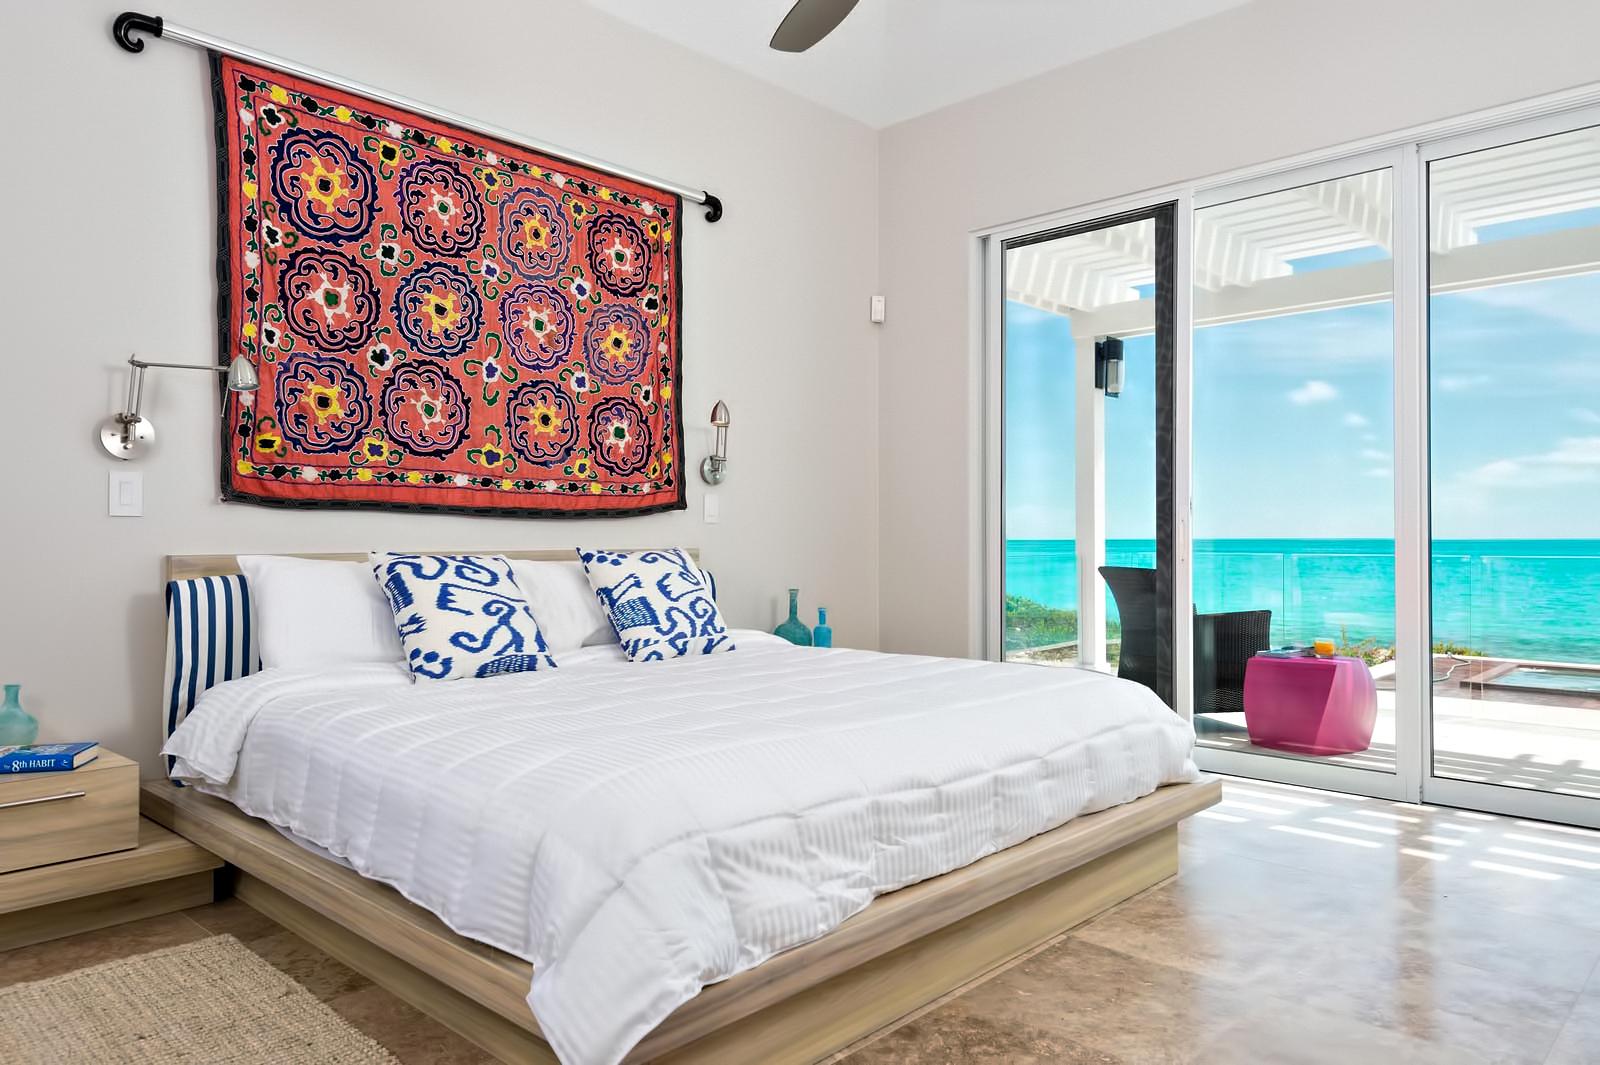 Luxury Villa Isla - Providenciales, Turks and Caicos Islands